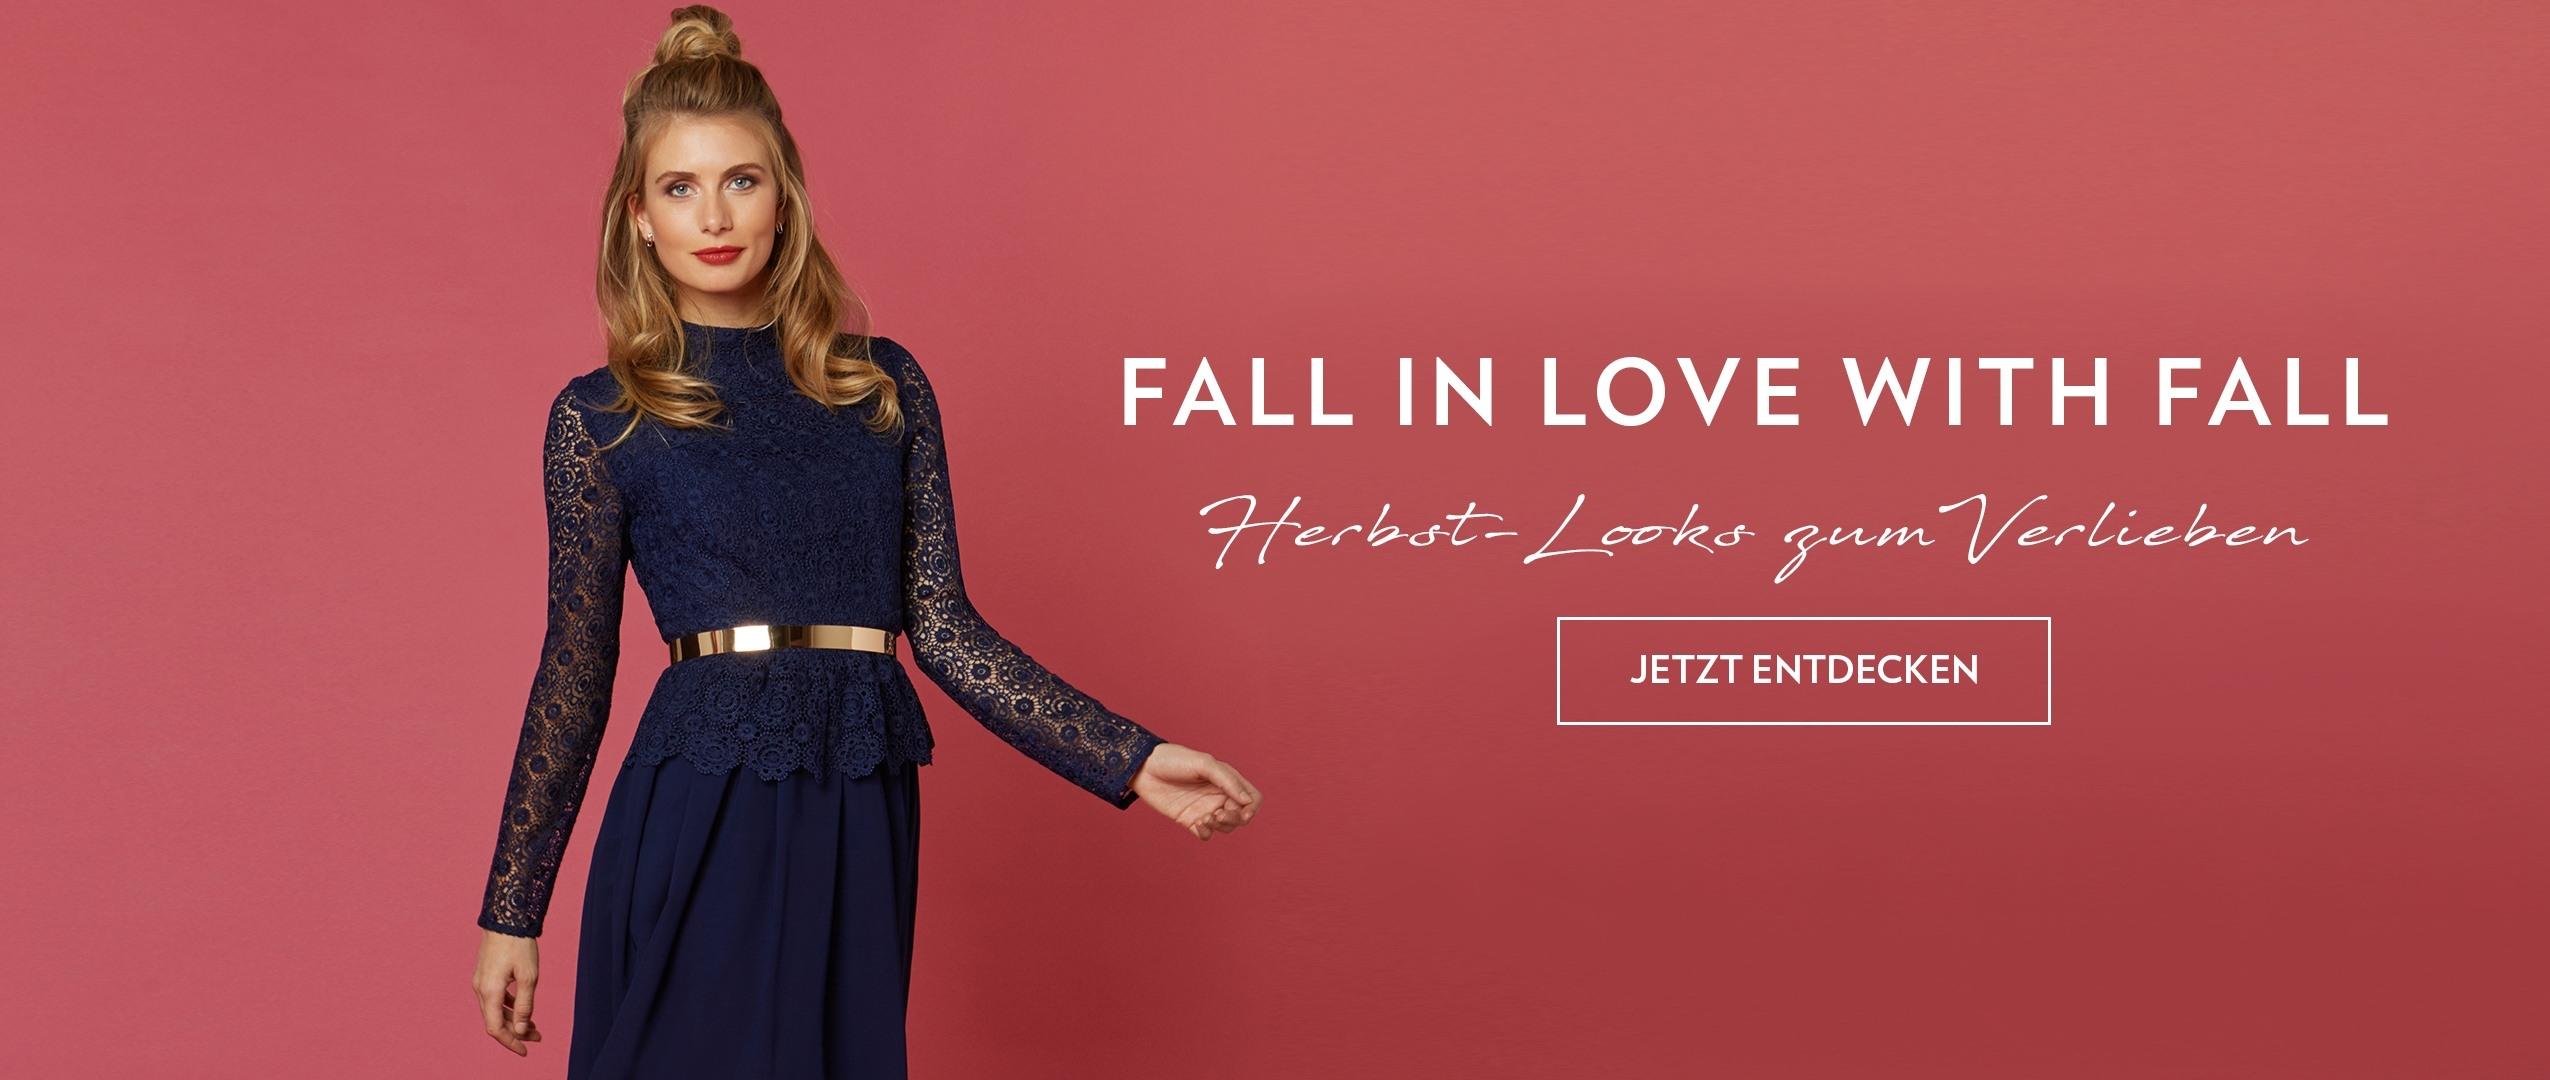 Designer Luxurius Kleider Kniebedeckt StylishAbend Elegant Kleider Kniebedeckt Spezialgebiet